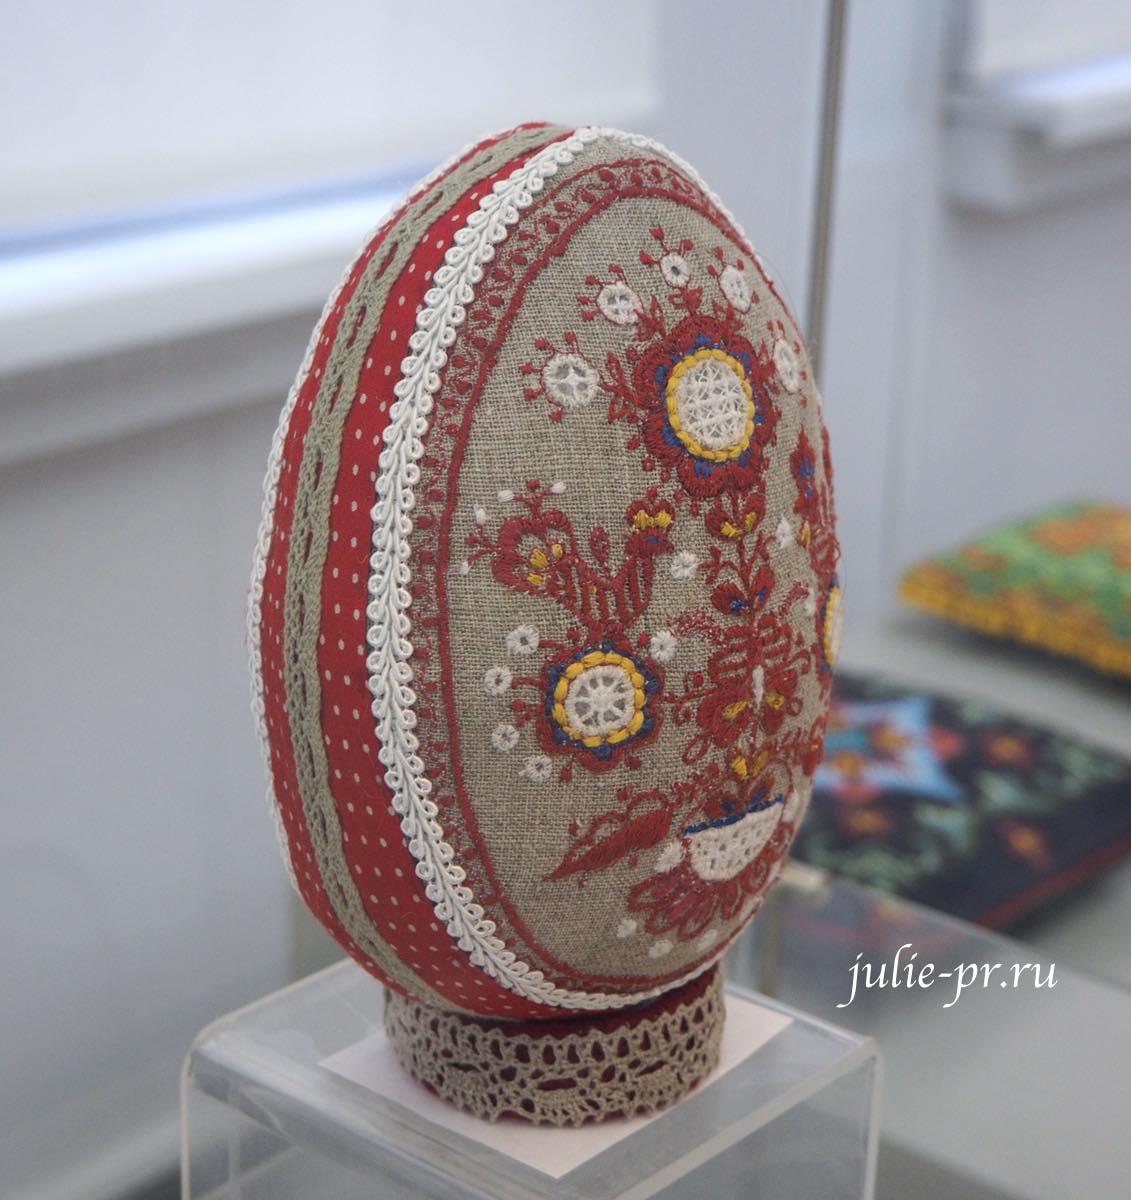 Всероссийская выставка вышивки, вышивка, Пасхальное яйцо